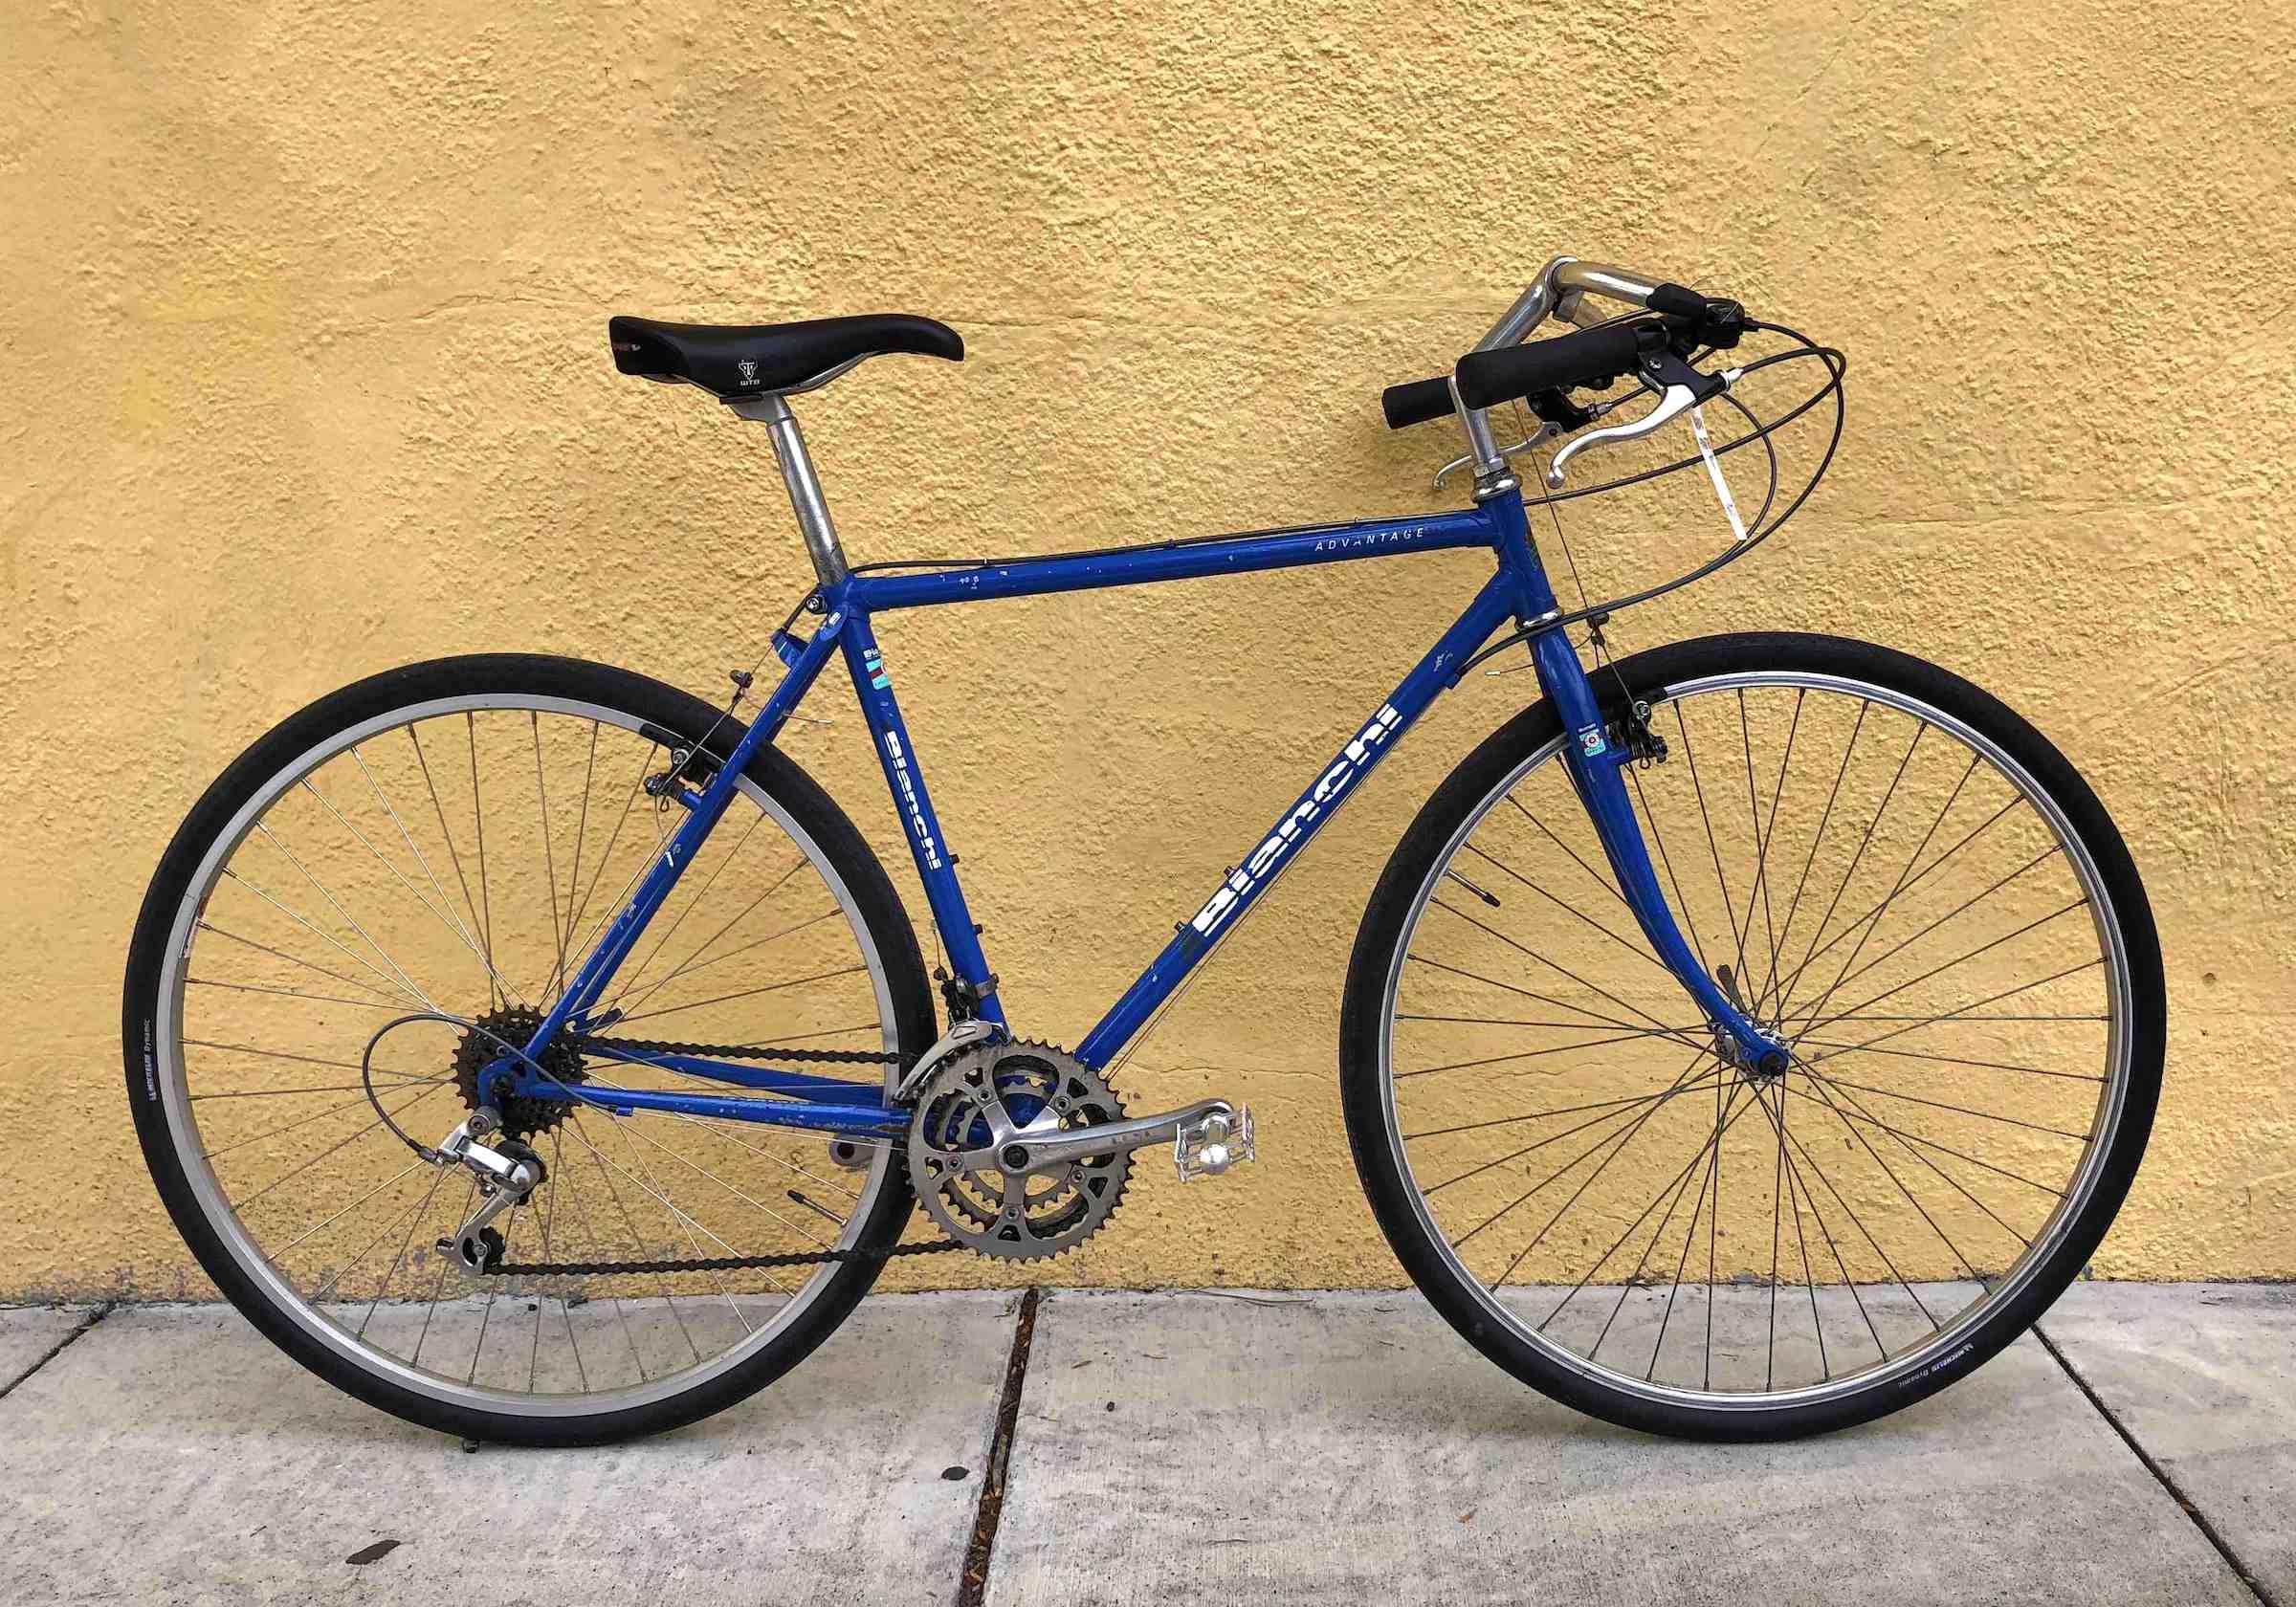 Bikes Archived — Biketopia Community Workshop